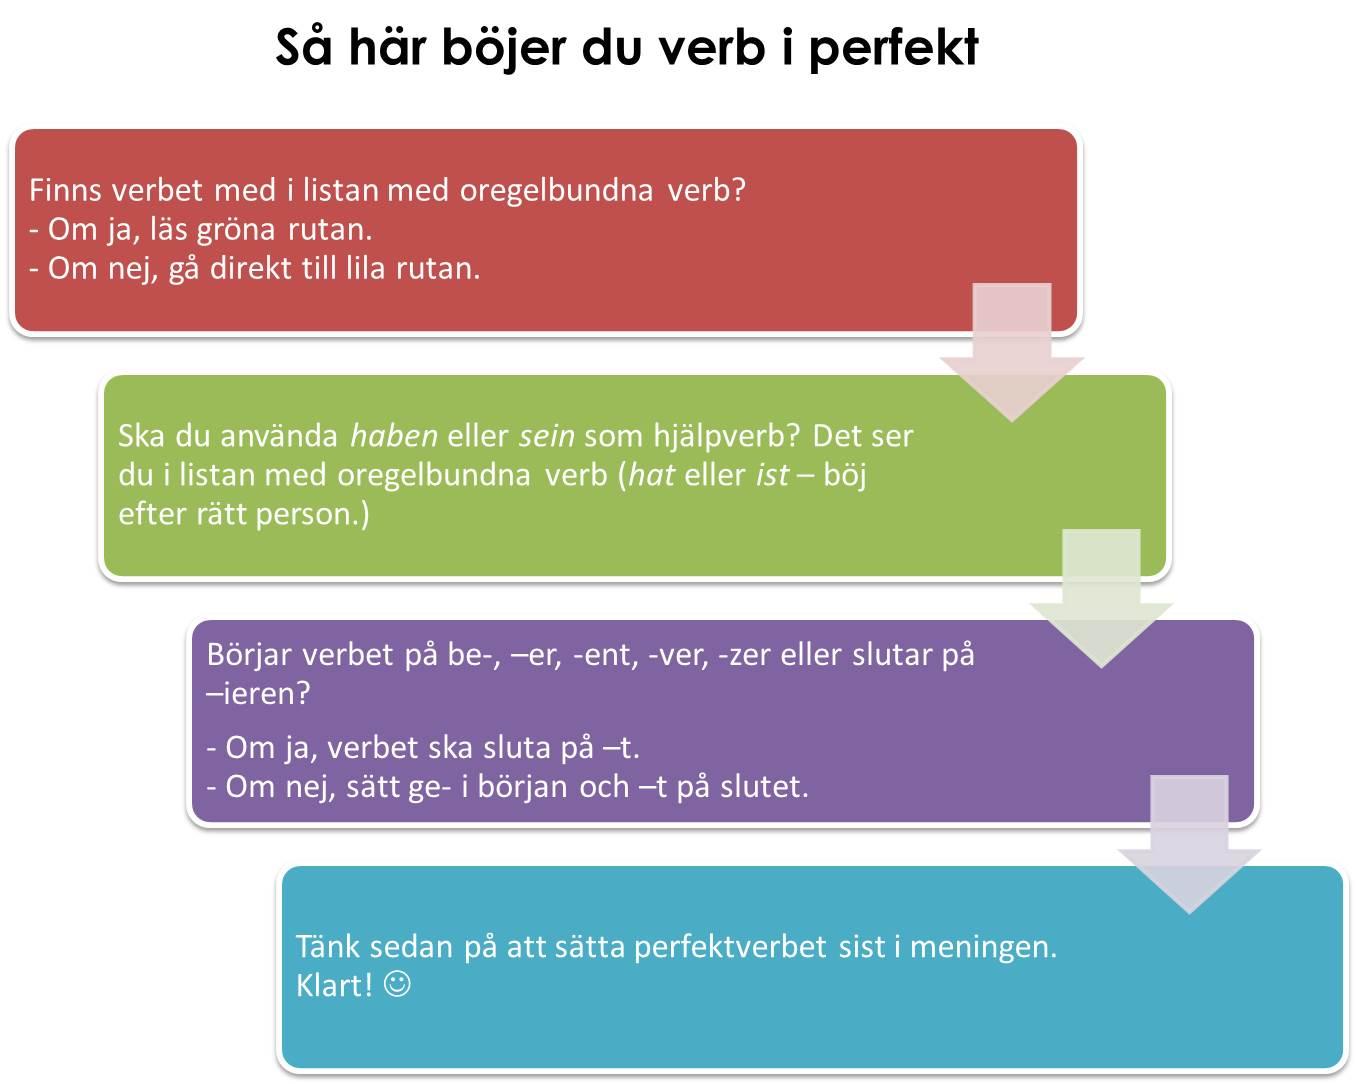 Så här böjer du verb i perfekt.jpg